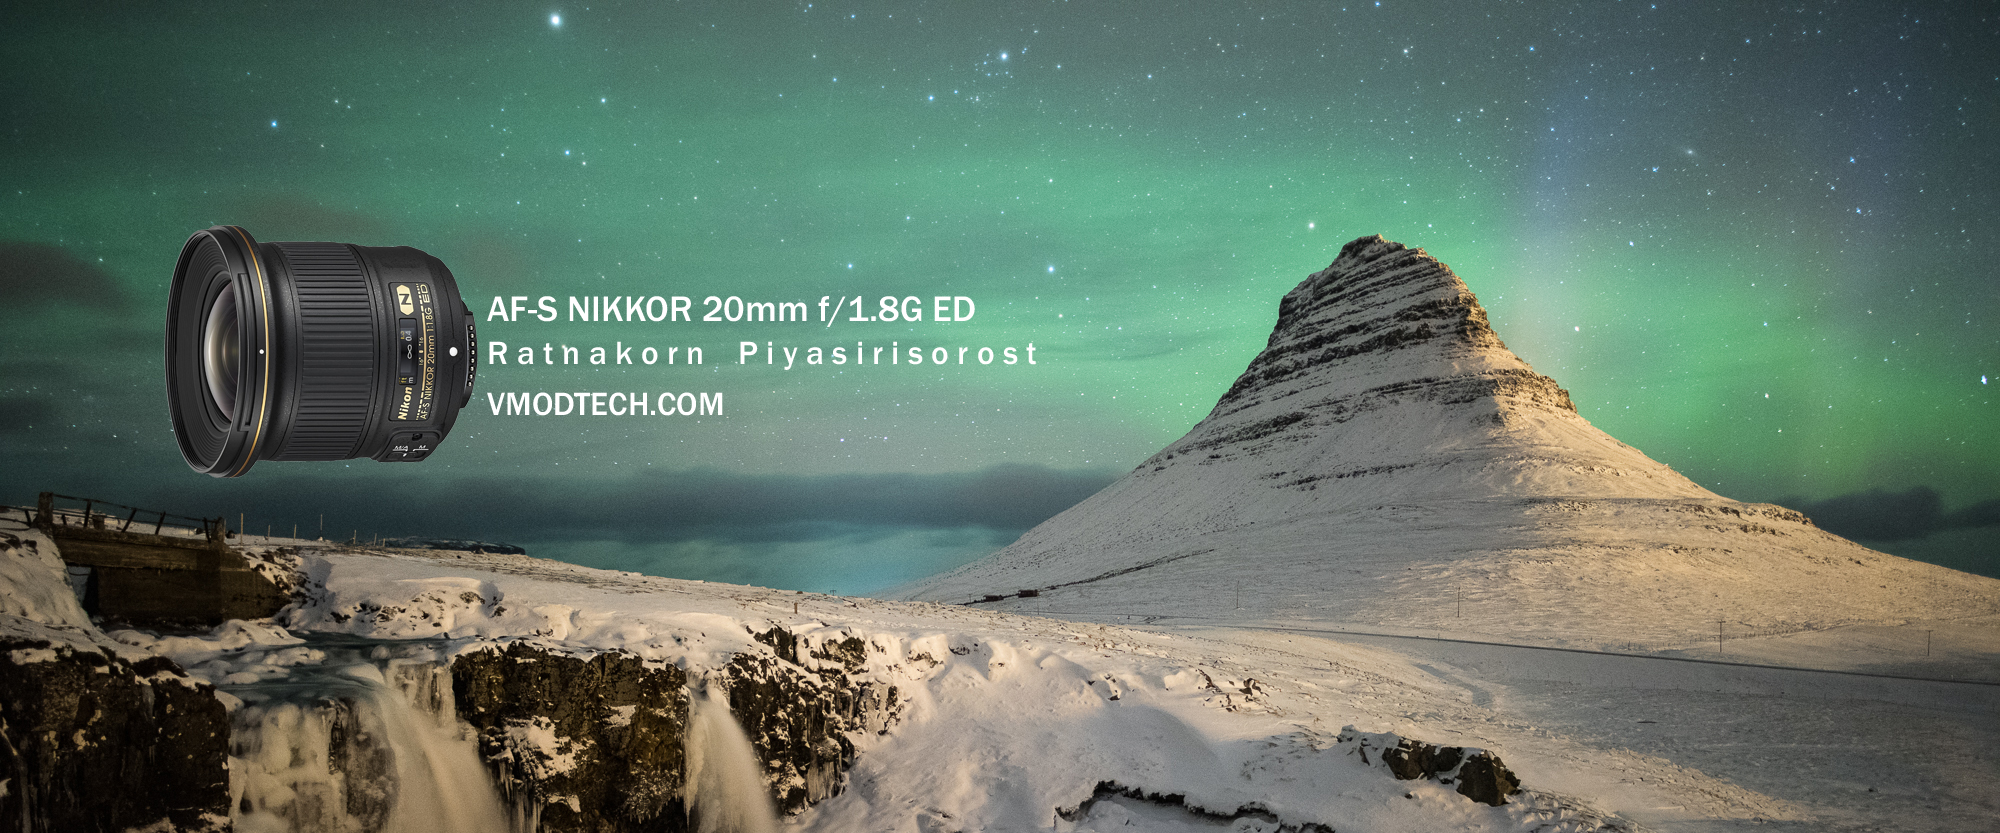 af-s-nikkor-20mm-f1-8g-ed